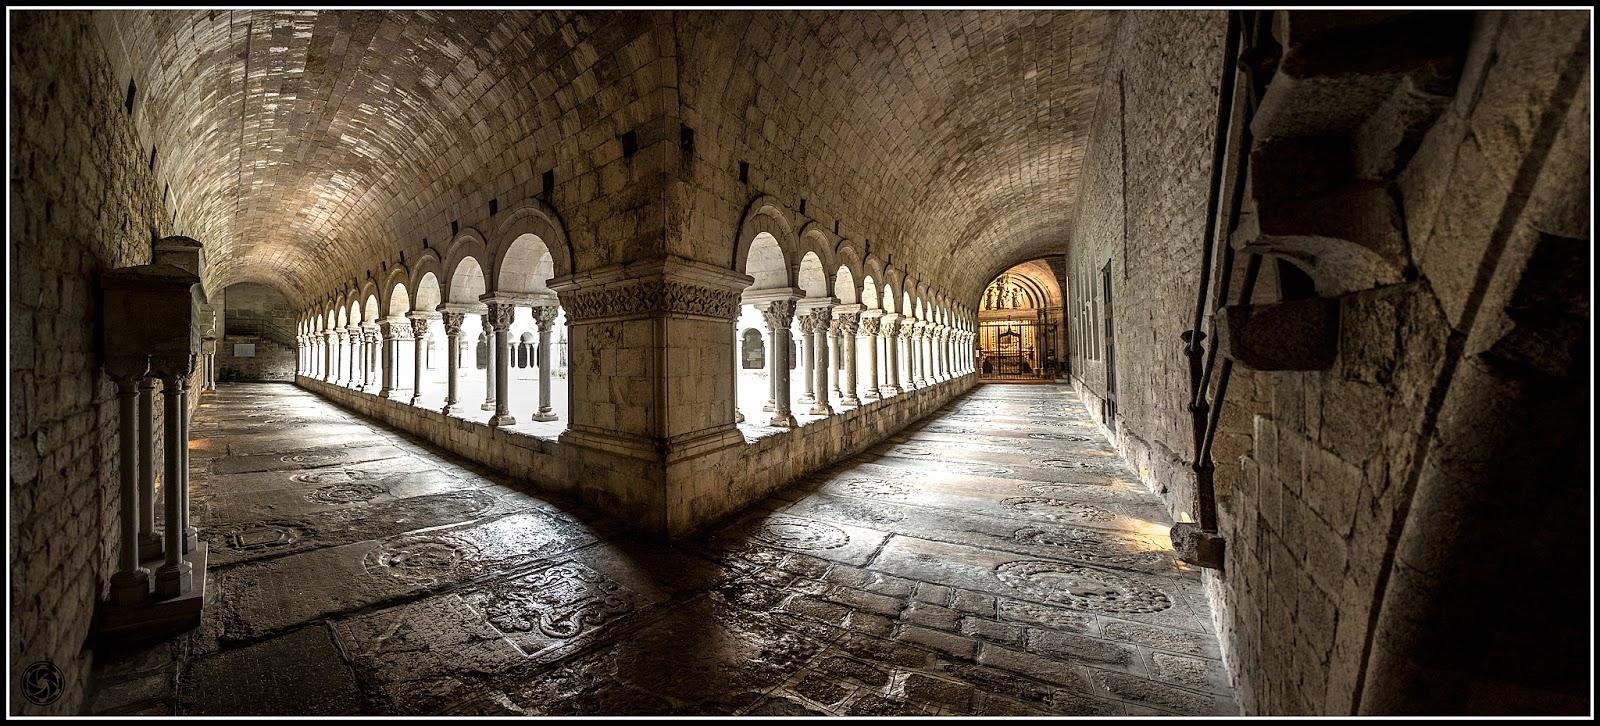 90º del claustro de Sta. Maria de Girona :: Panorama 6 x Canon  EOS 5D MkIII | ISO 3200 | Canon 24-105@24mm | f/5.6 | 1/40s